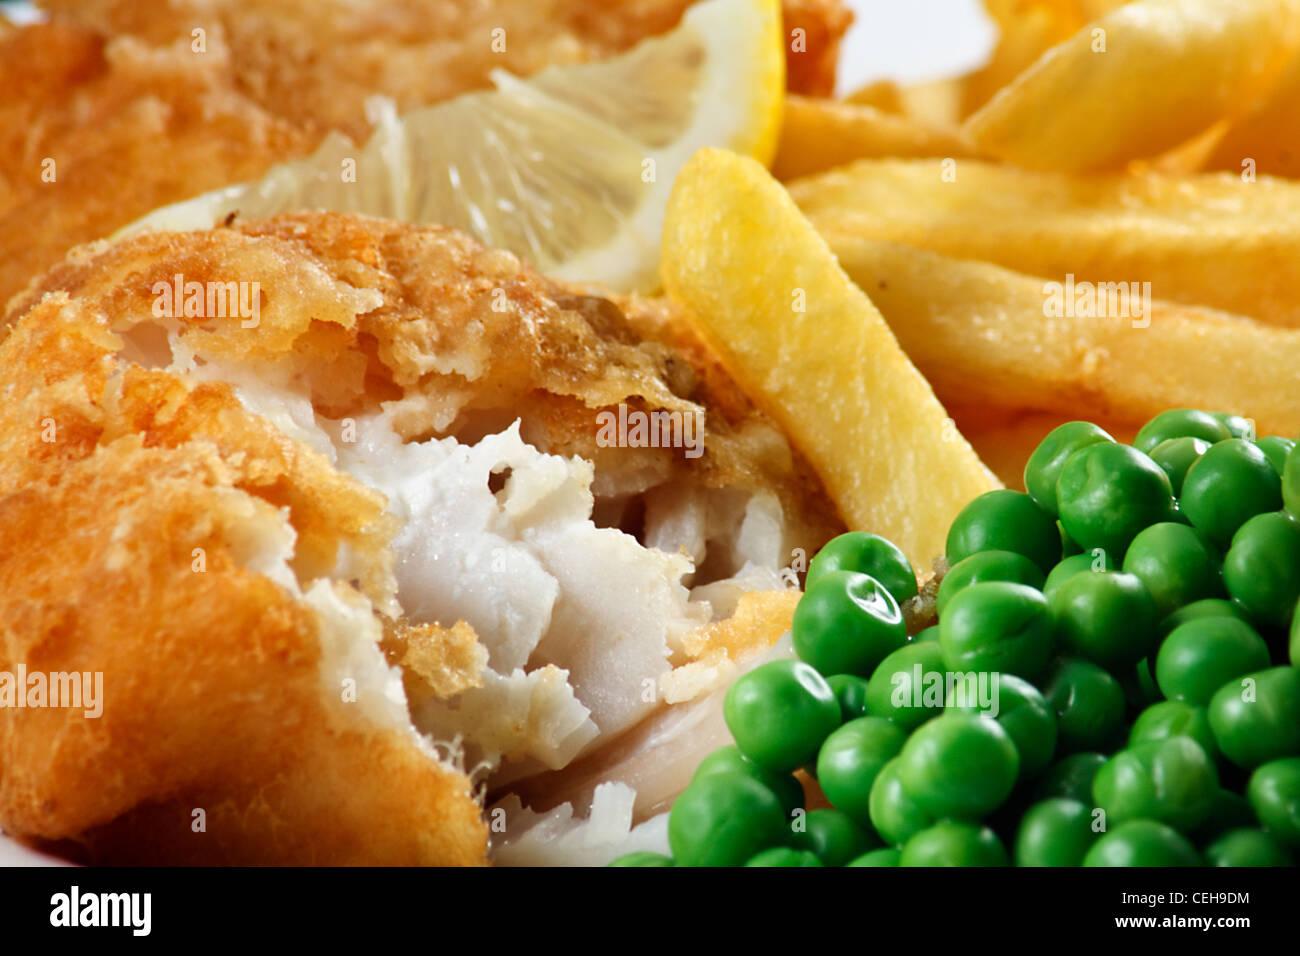 Cerca de fish and chips con guisantes y una rodaja de limón. Un tradicional plato costera británica Imagen De Stock